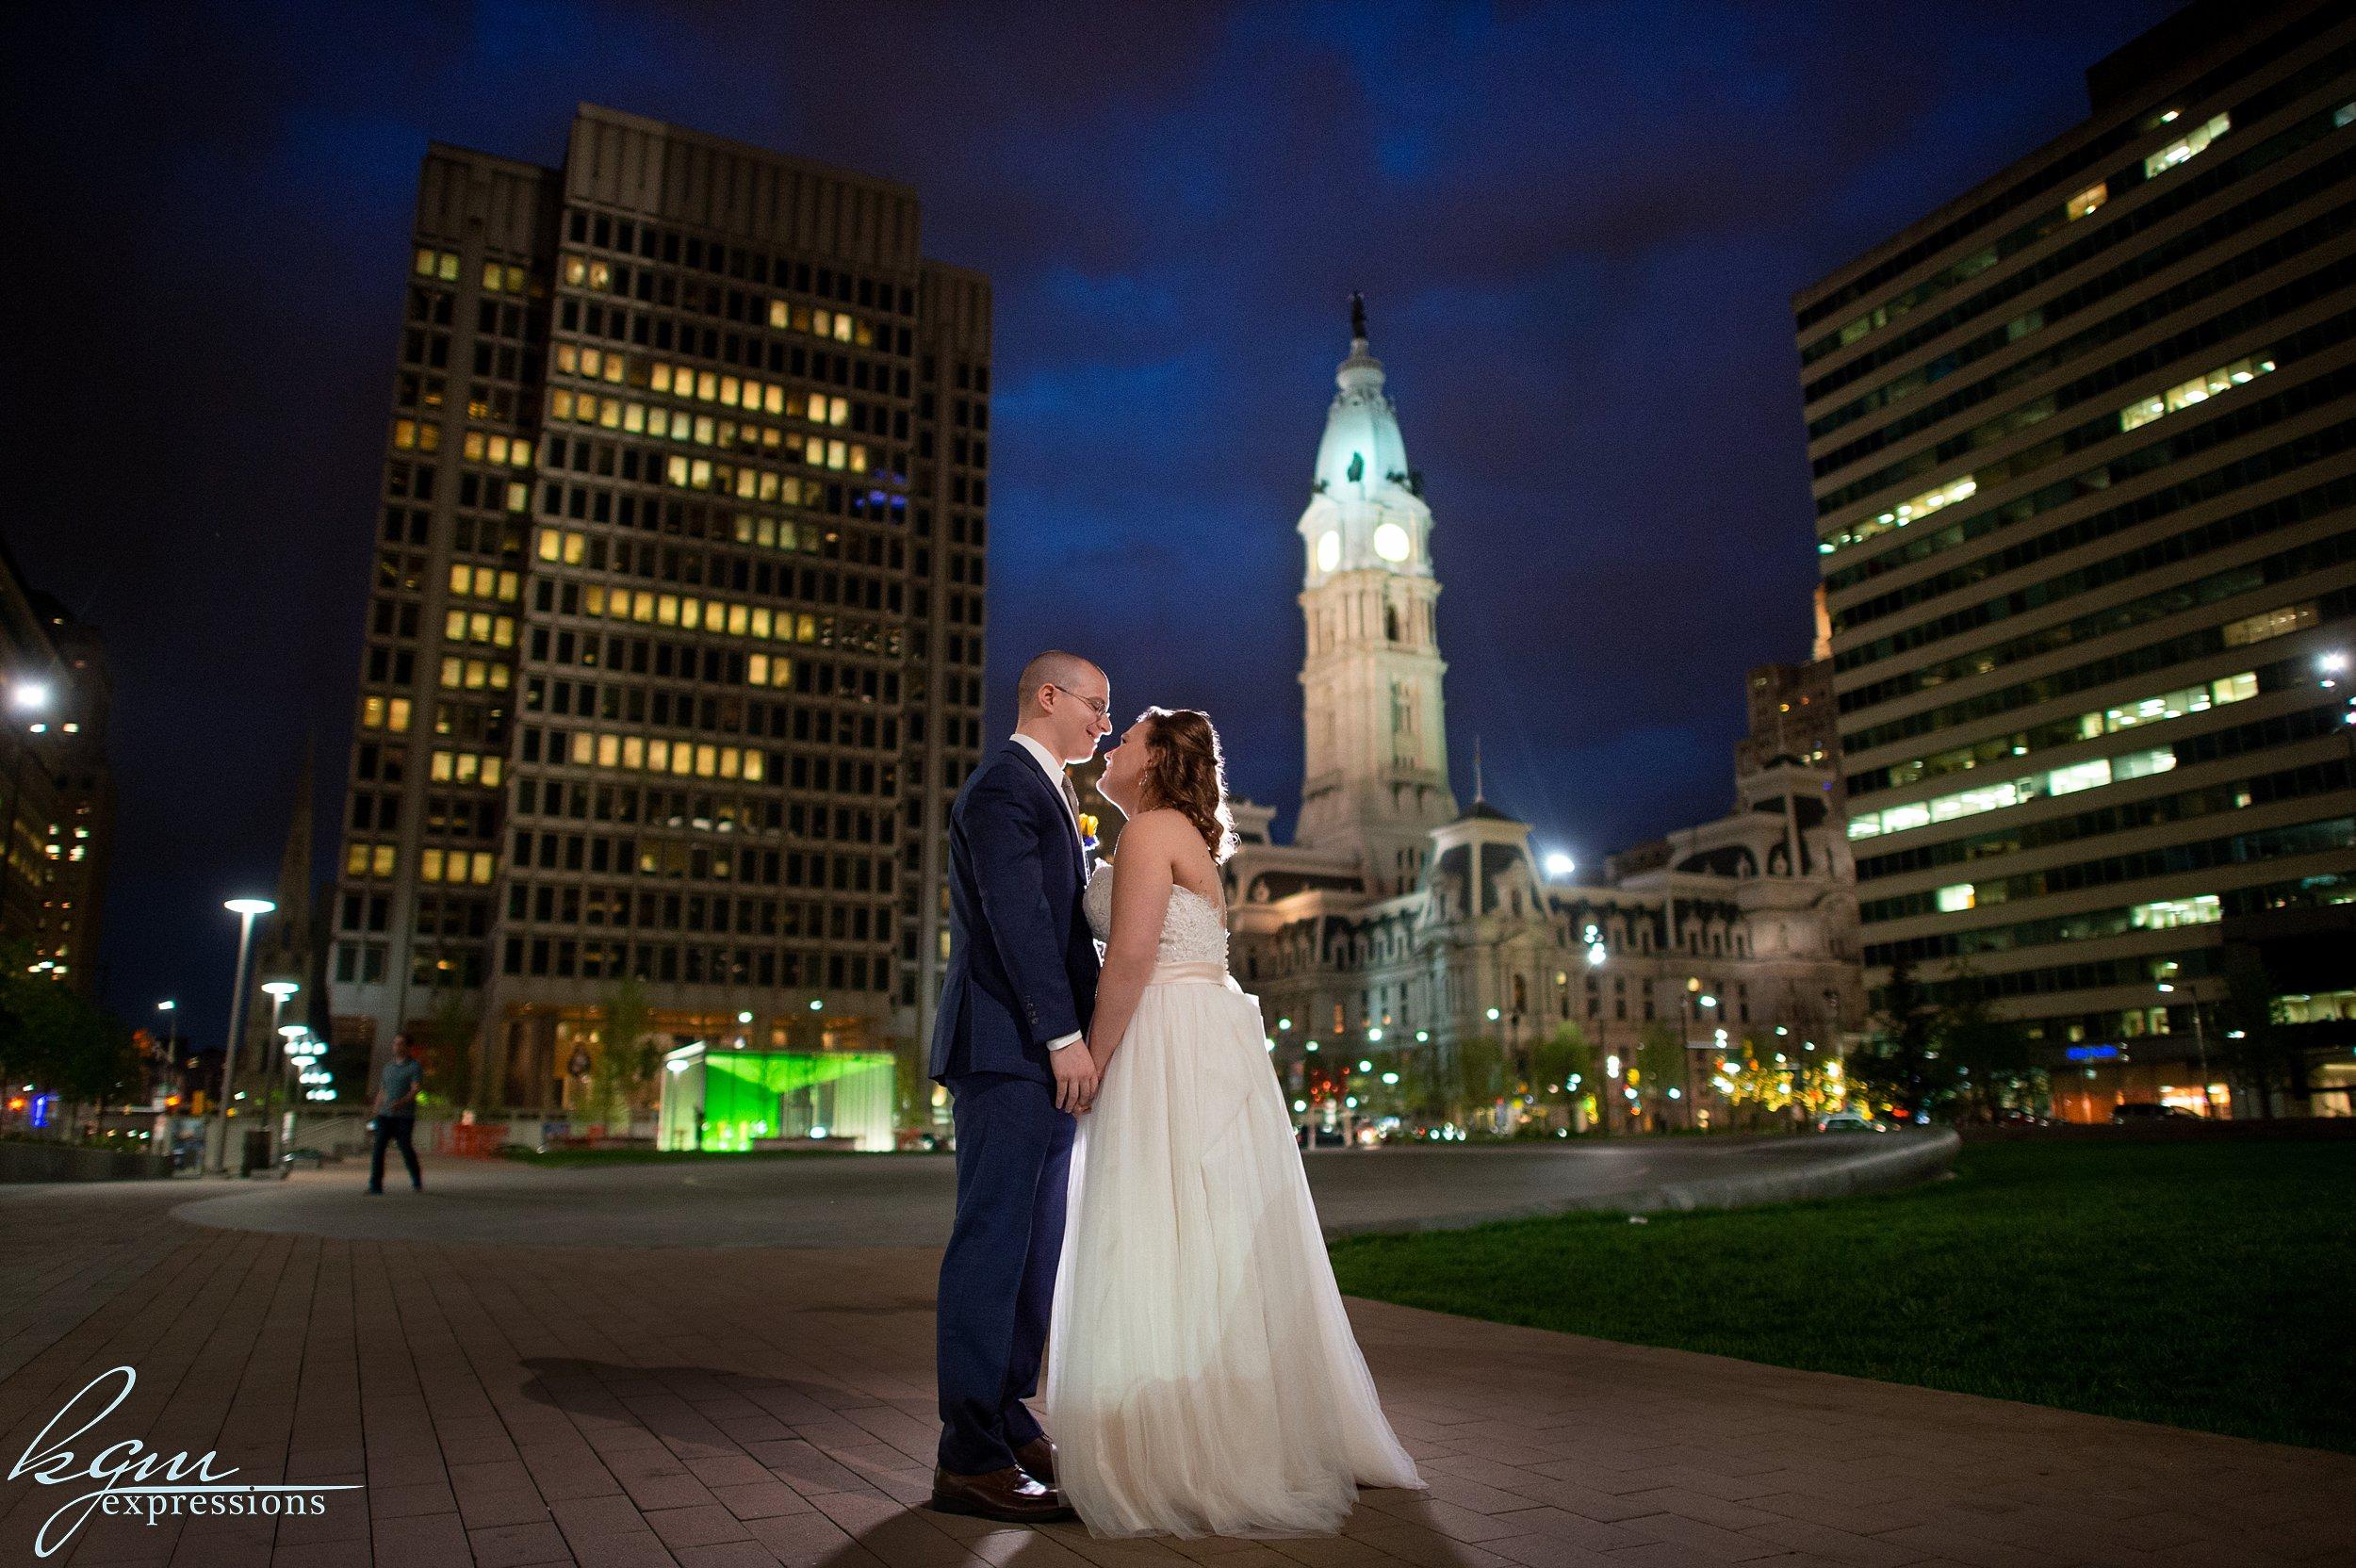 35_tir_na_nog_wedding.jpg